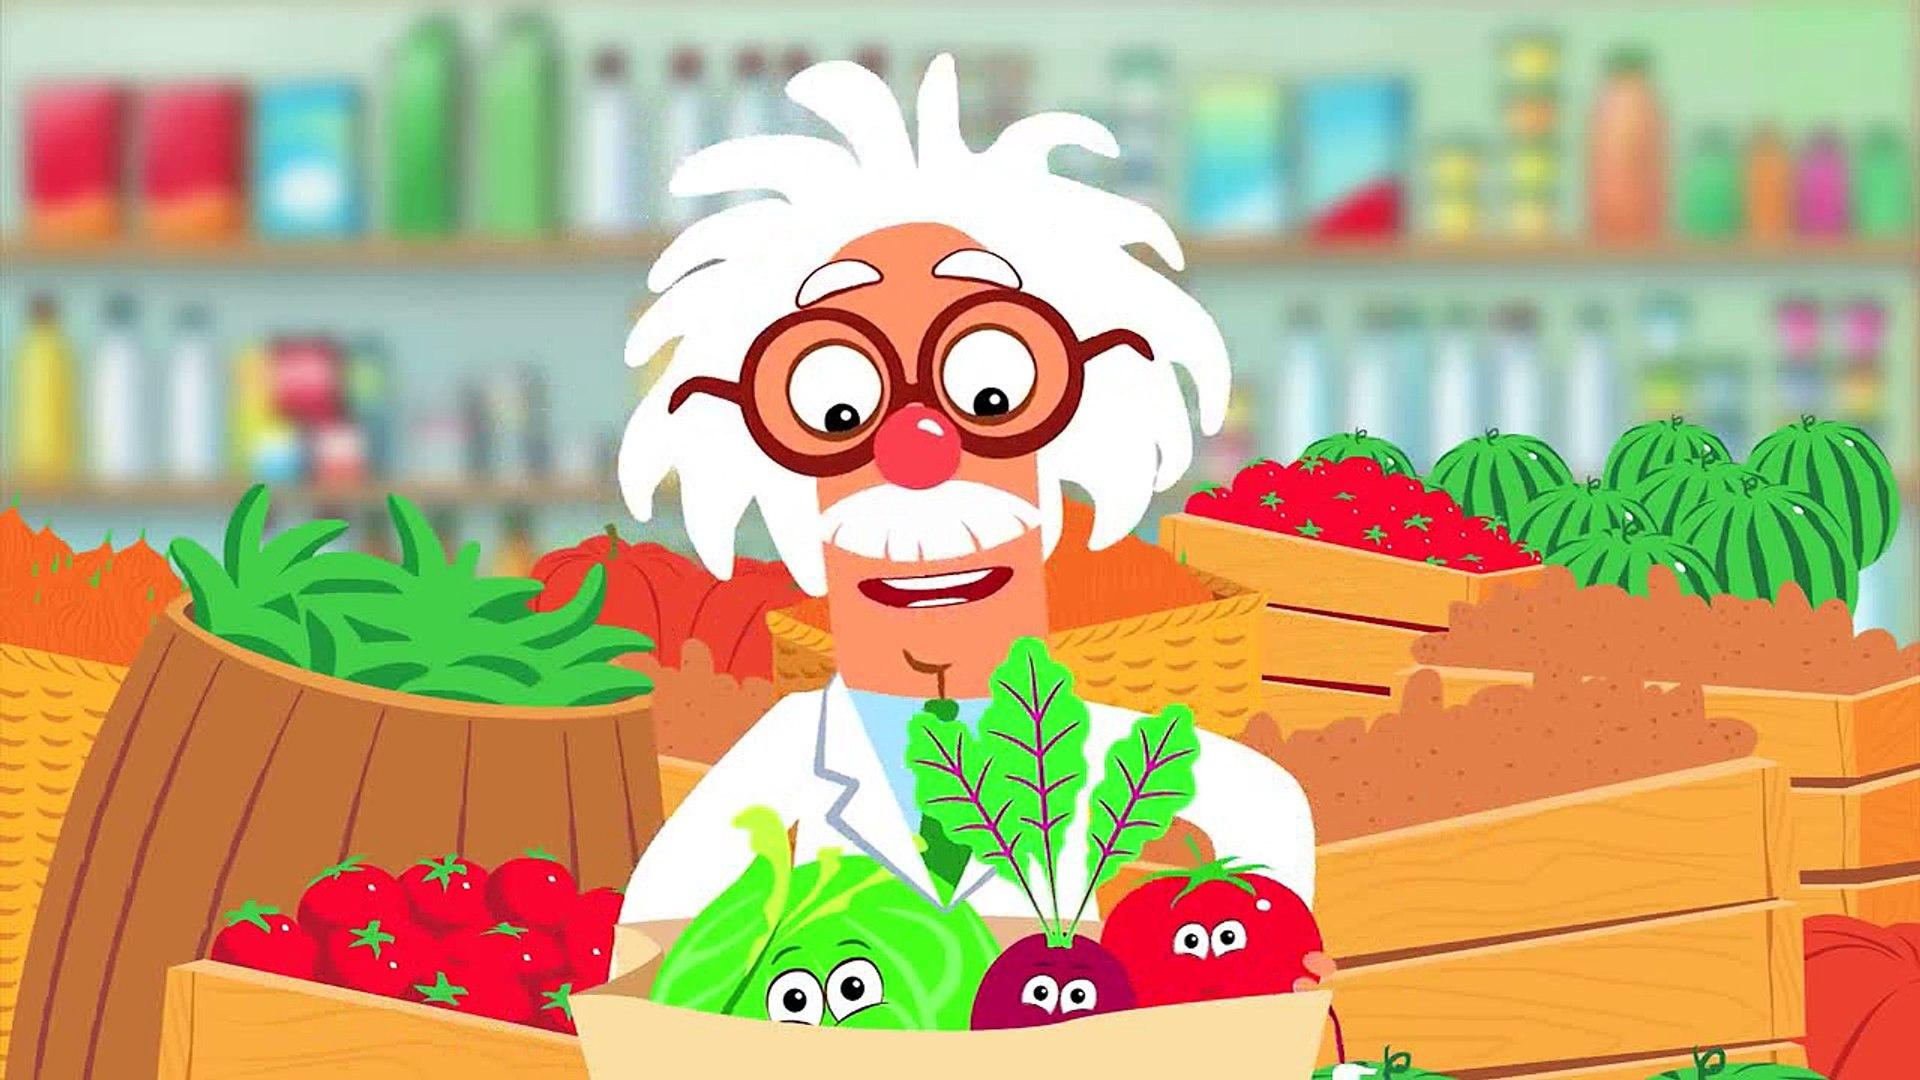 ОВОЩИ - Развивающая песенка мультик про полезную еду и синий трактор для детей малышей_cut_cut